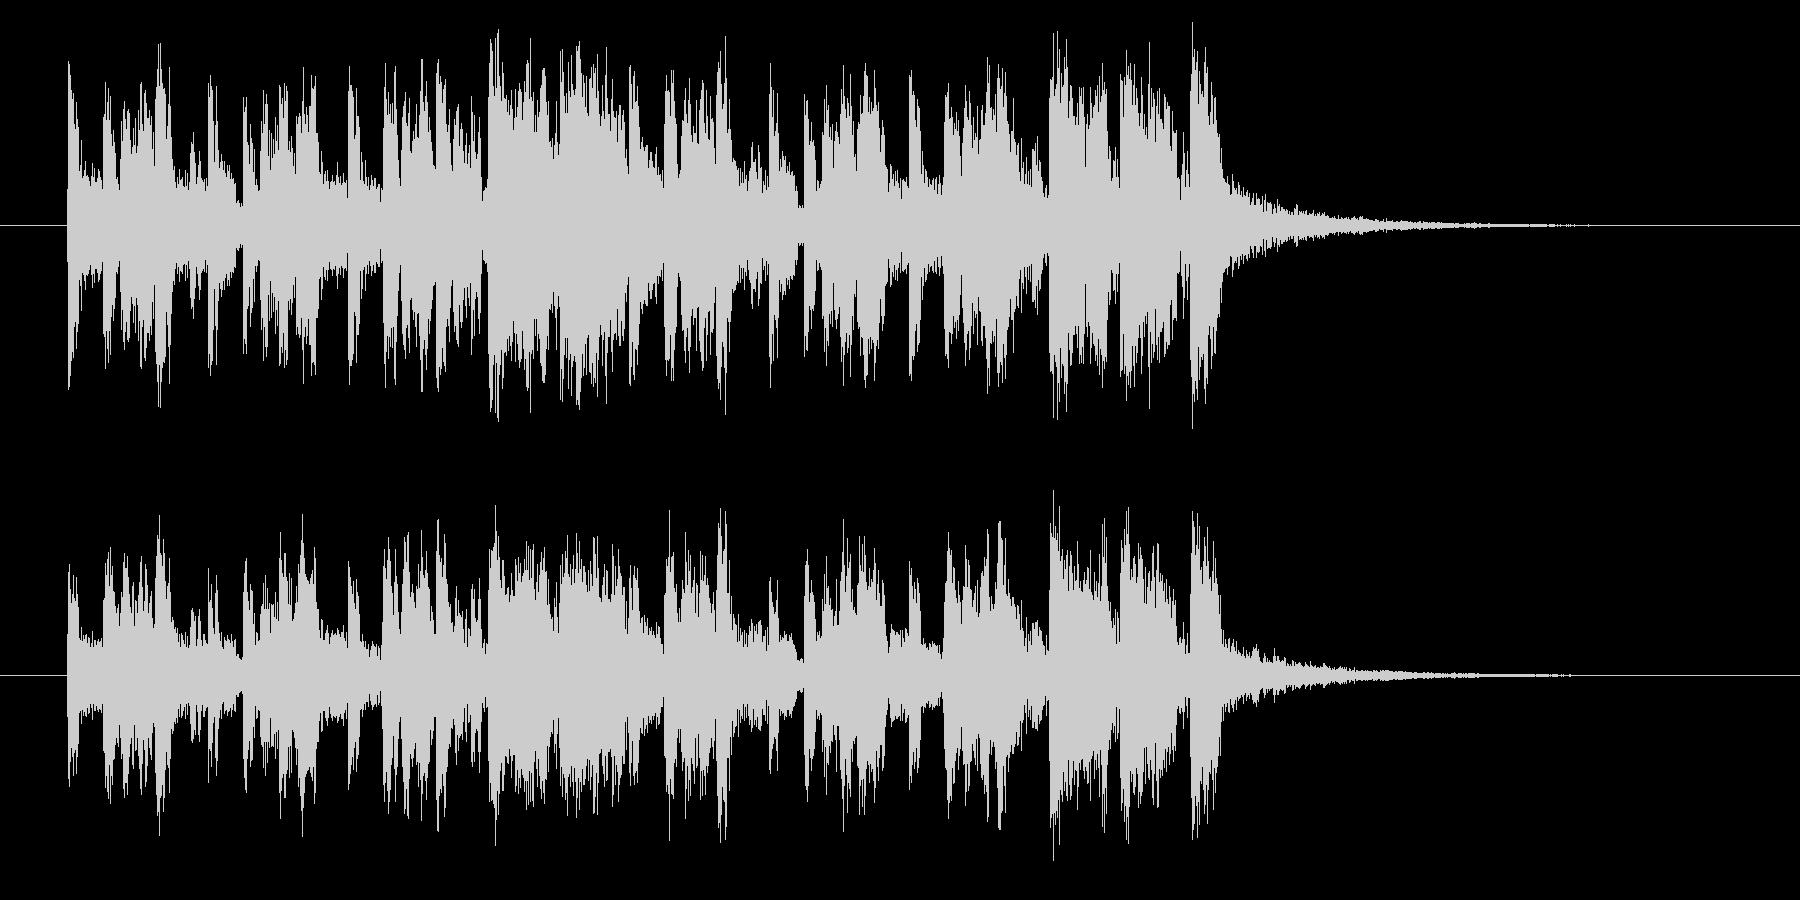 シンセサイザー主体のフュージョンポップスの未再生の波形